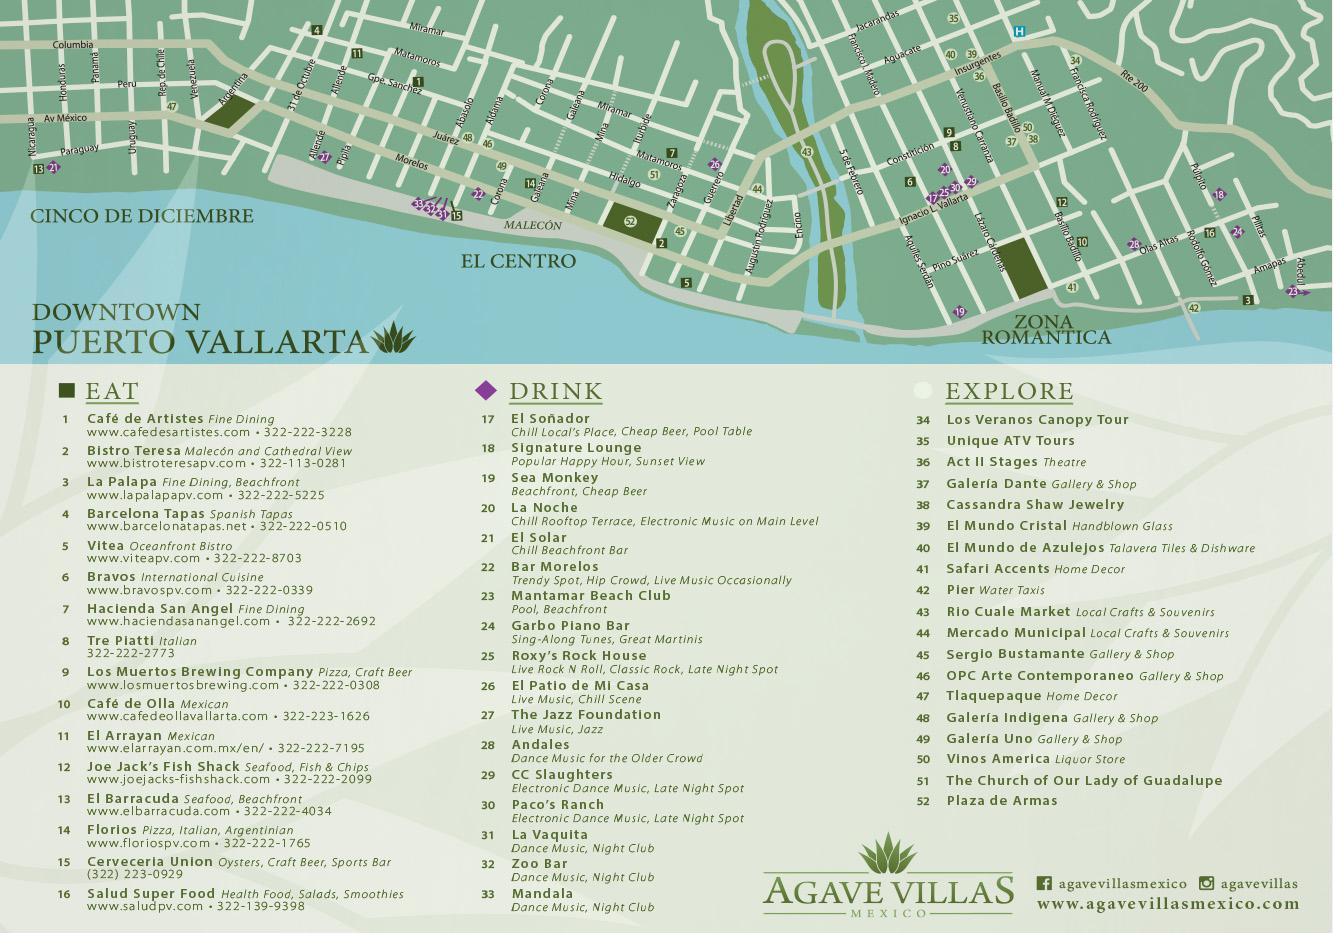 Agave-Villas-Mexico-Custom-Puerto-Vallarta-Map-design.jpg